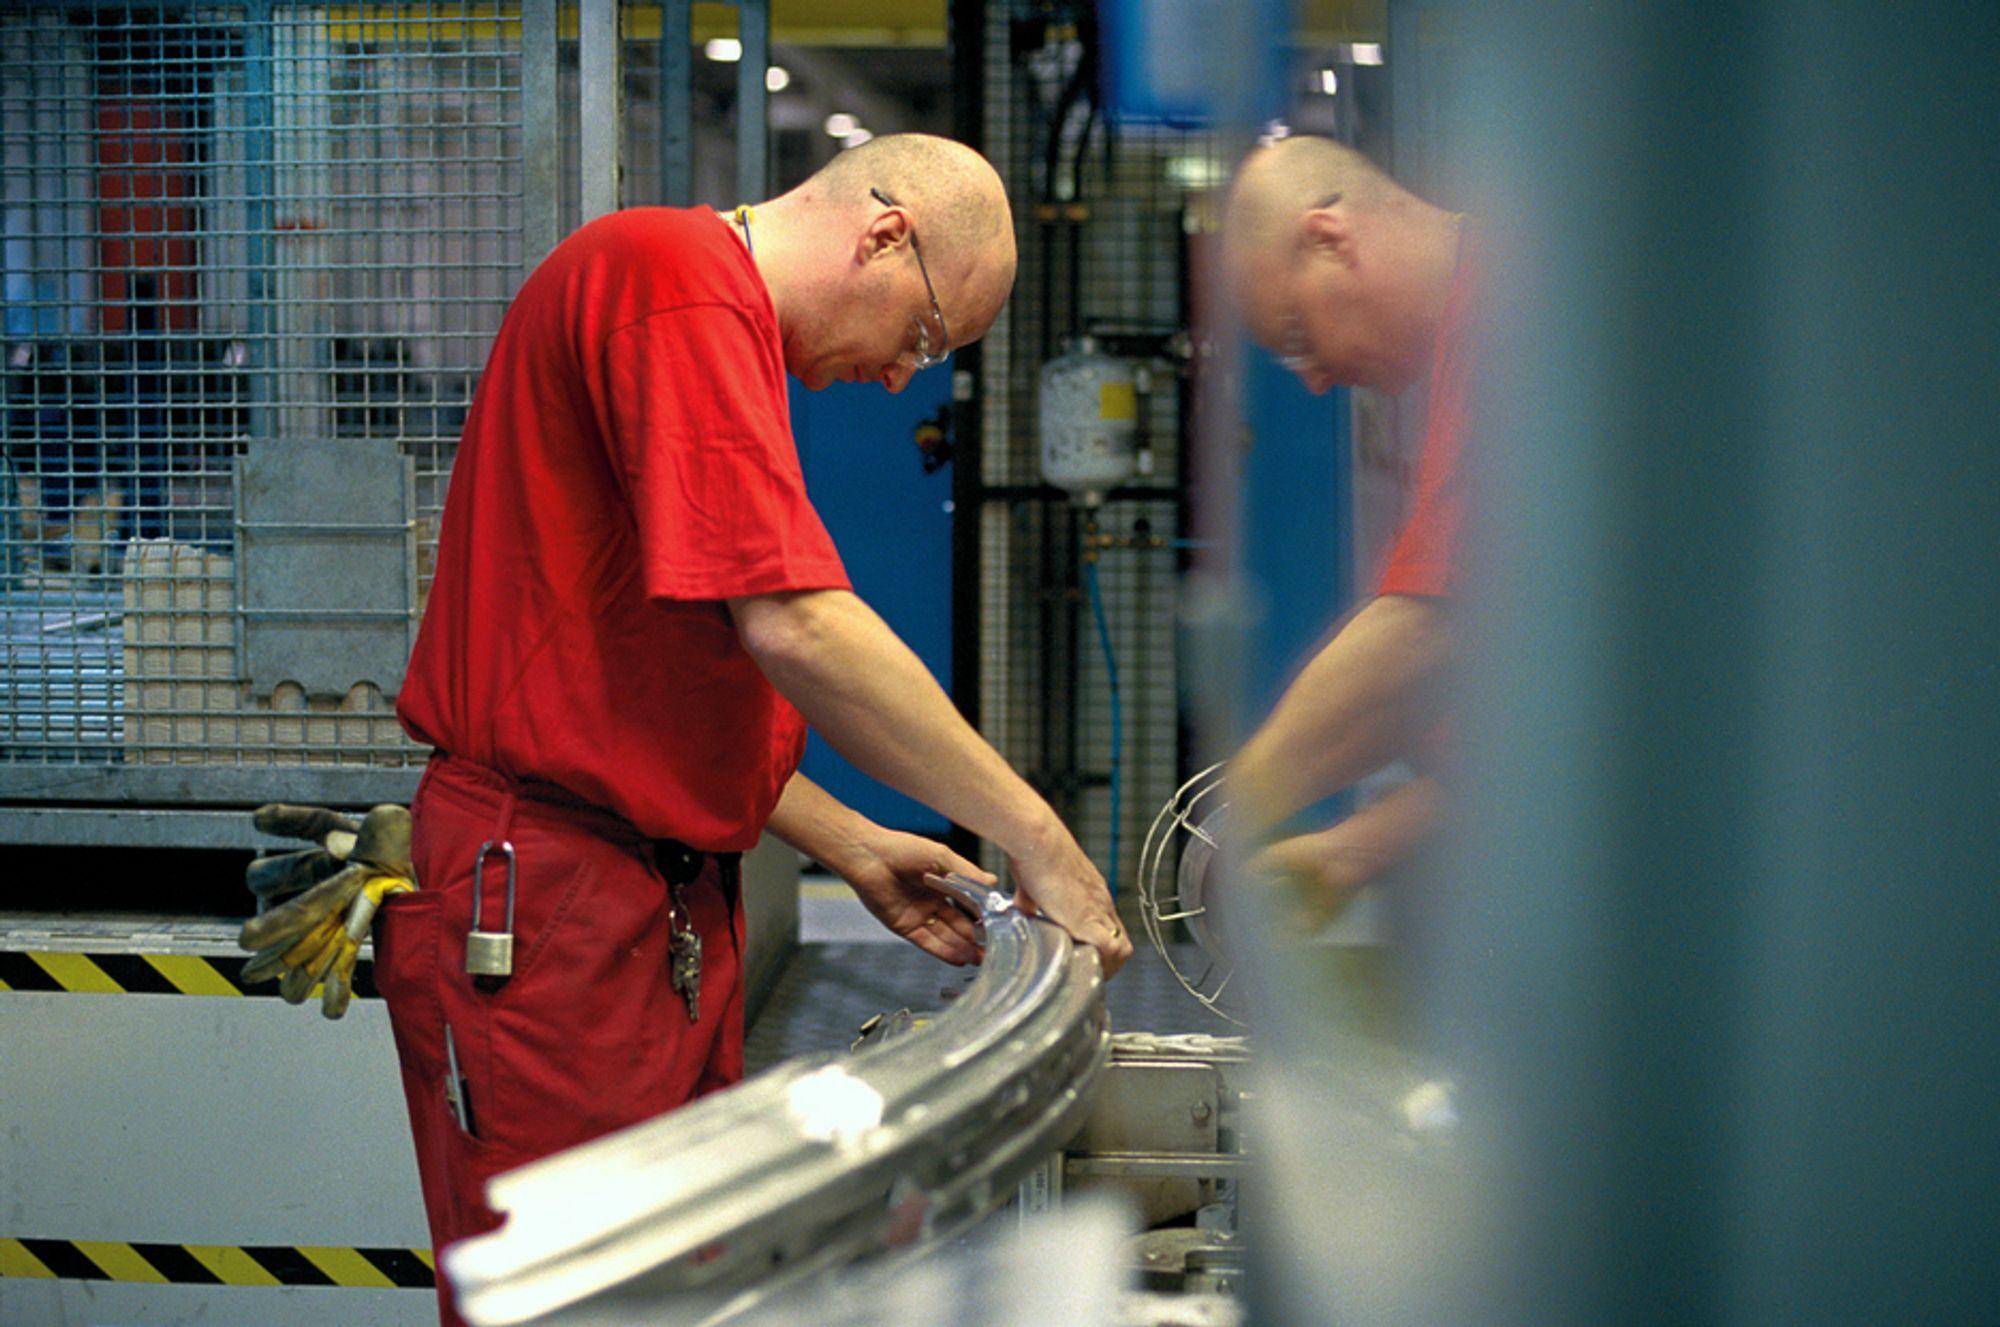 TRUET: Produksjonen av bildeler ved Hydro Aluminium på Raufoss har vært alt annet enn en gullgruve for Hydro. I verste fall kan det nå bety kroken på døra.